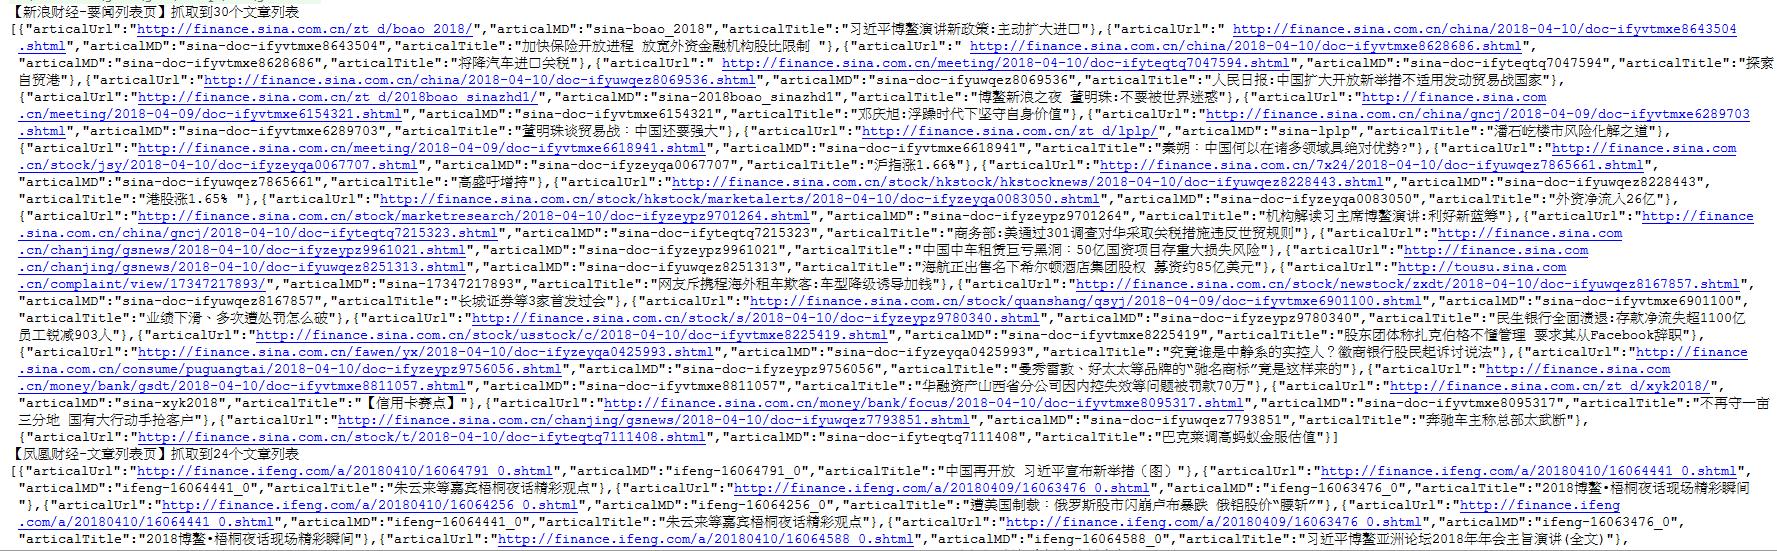 Java版HTML解析器